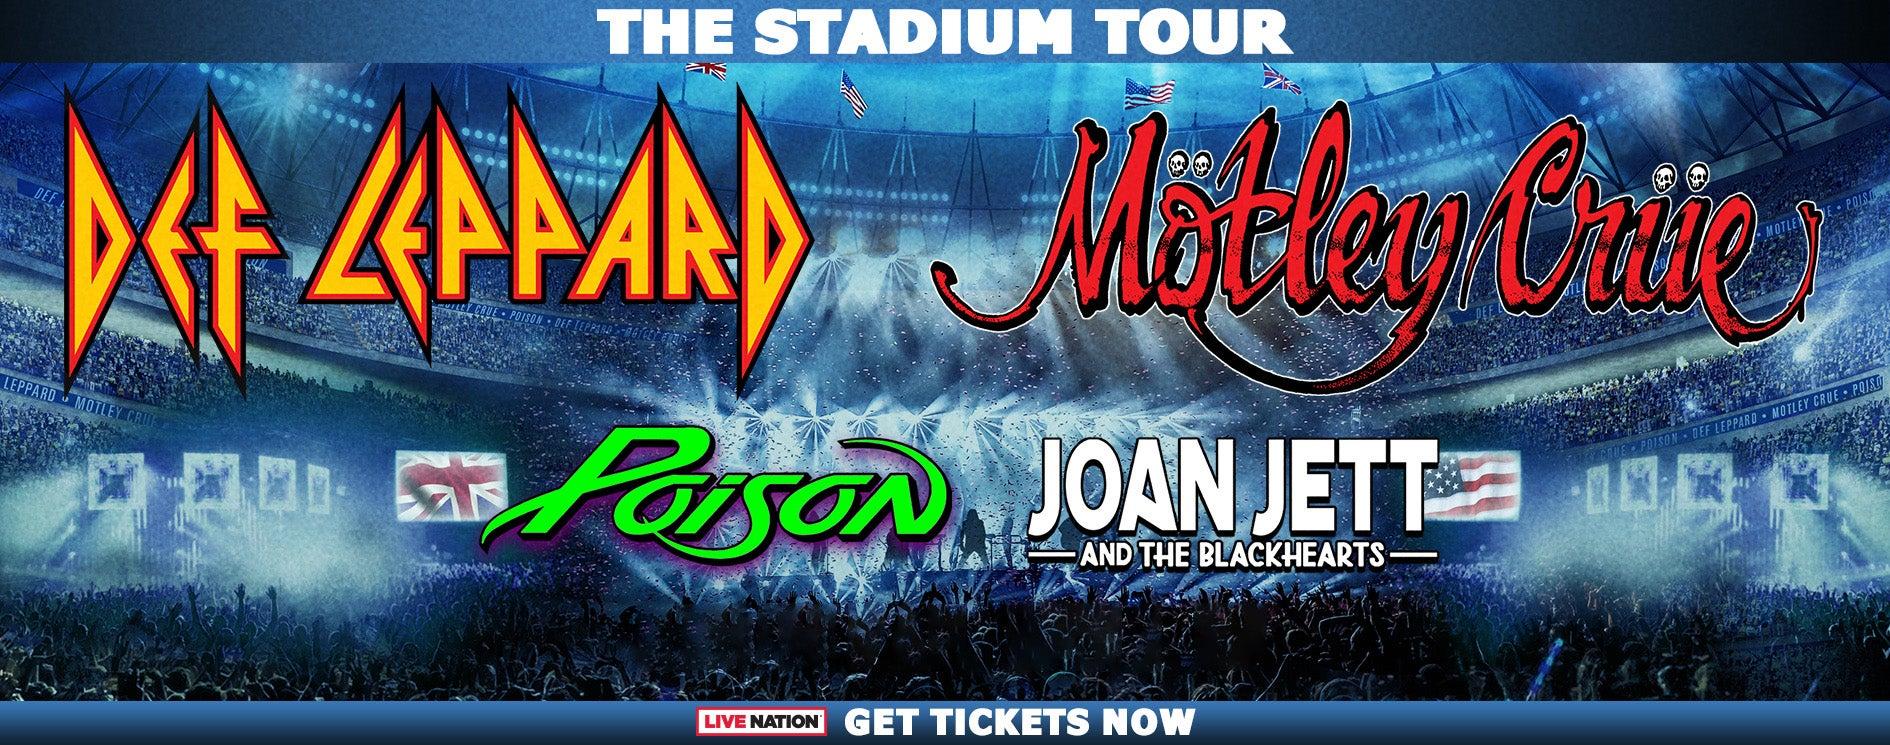 Def Leppard + Motley Crue - The Stadium Tour